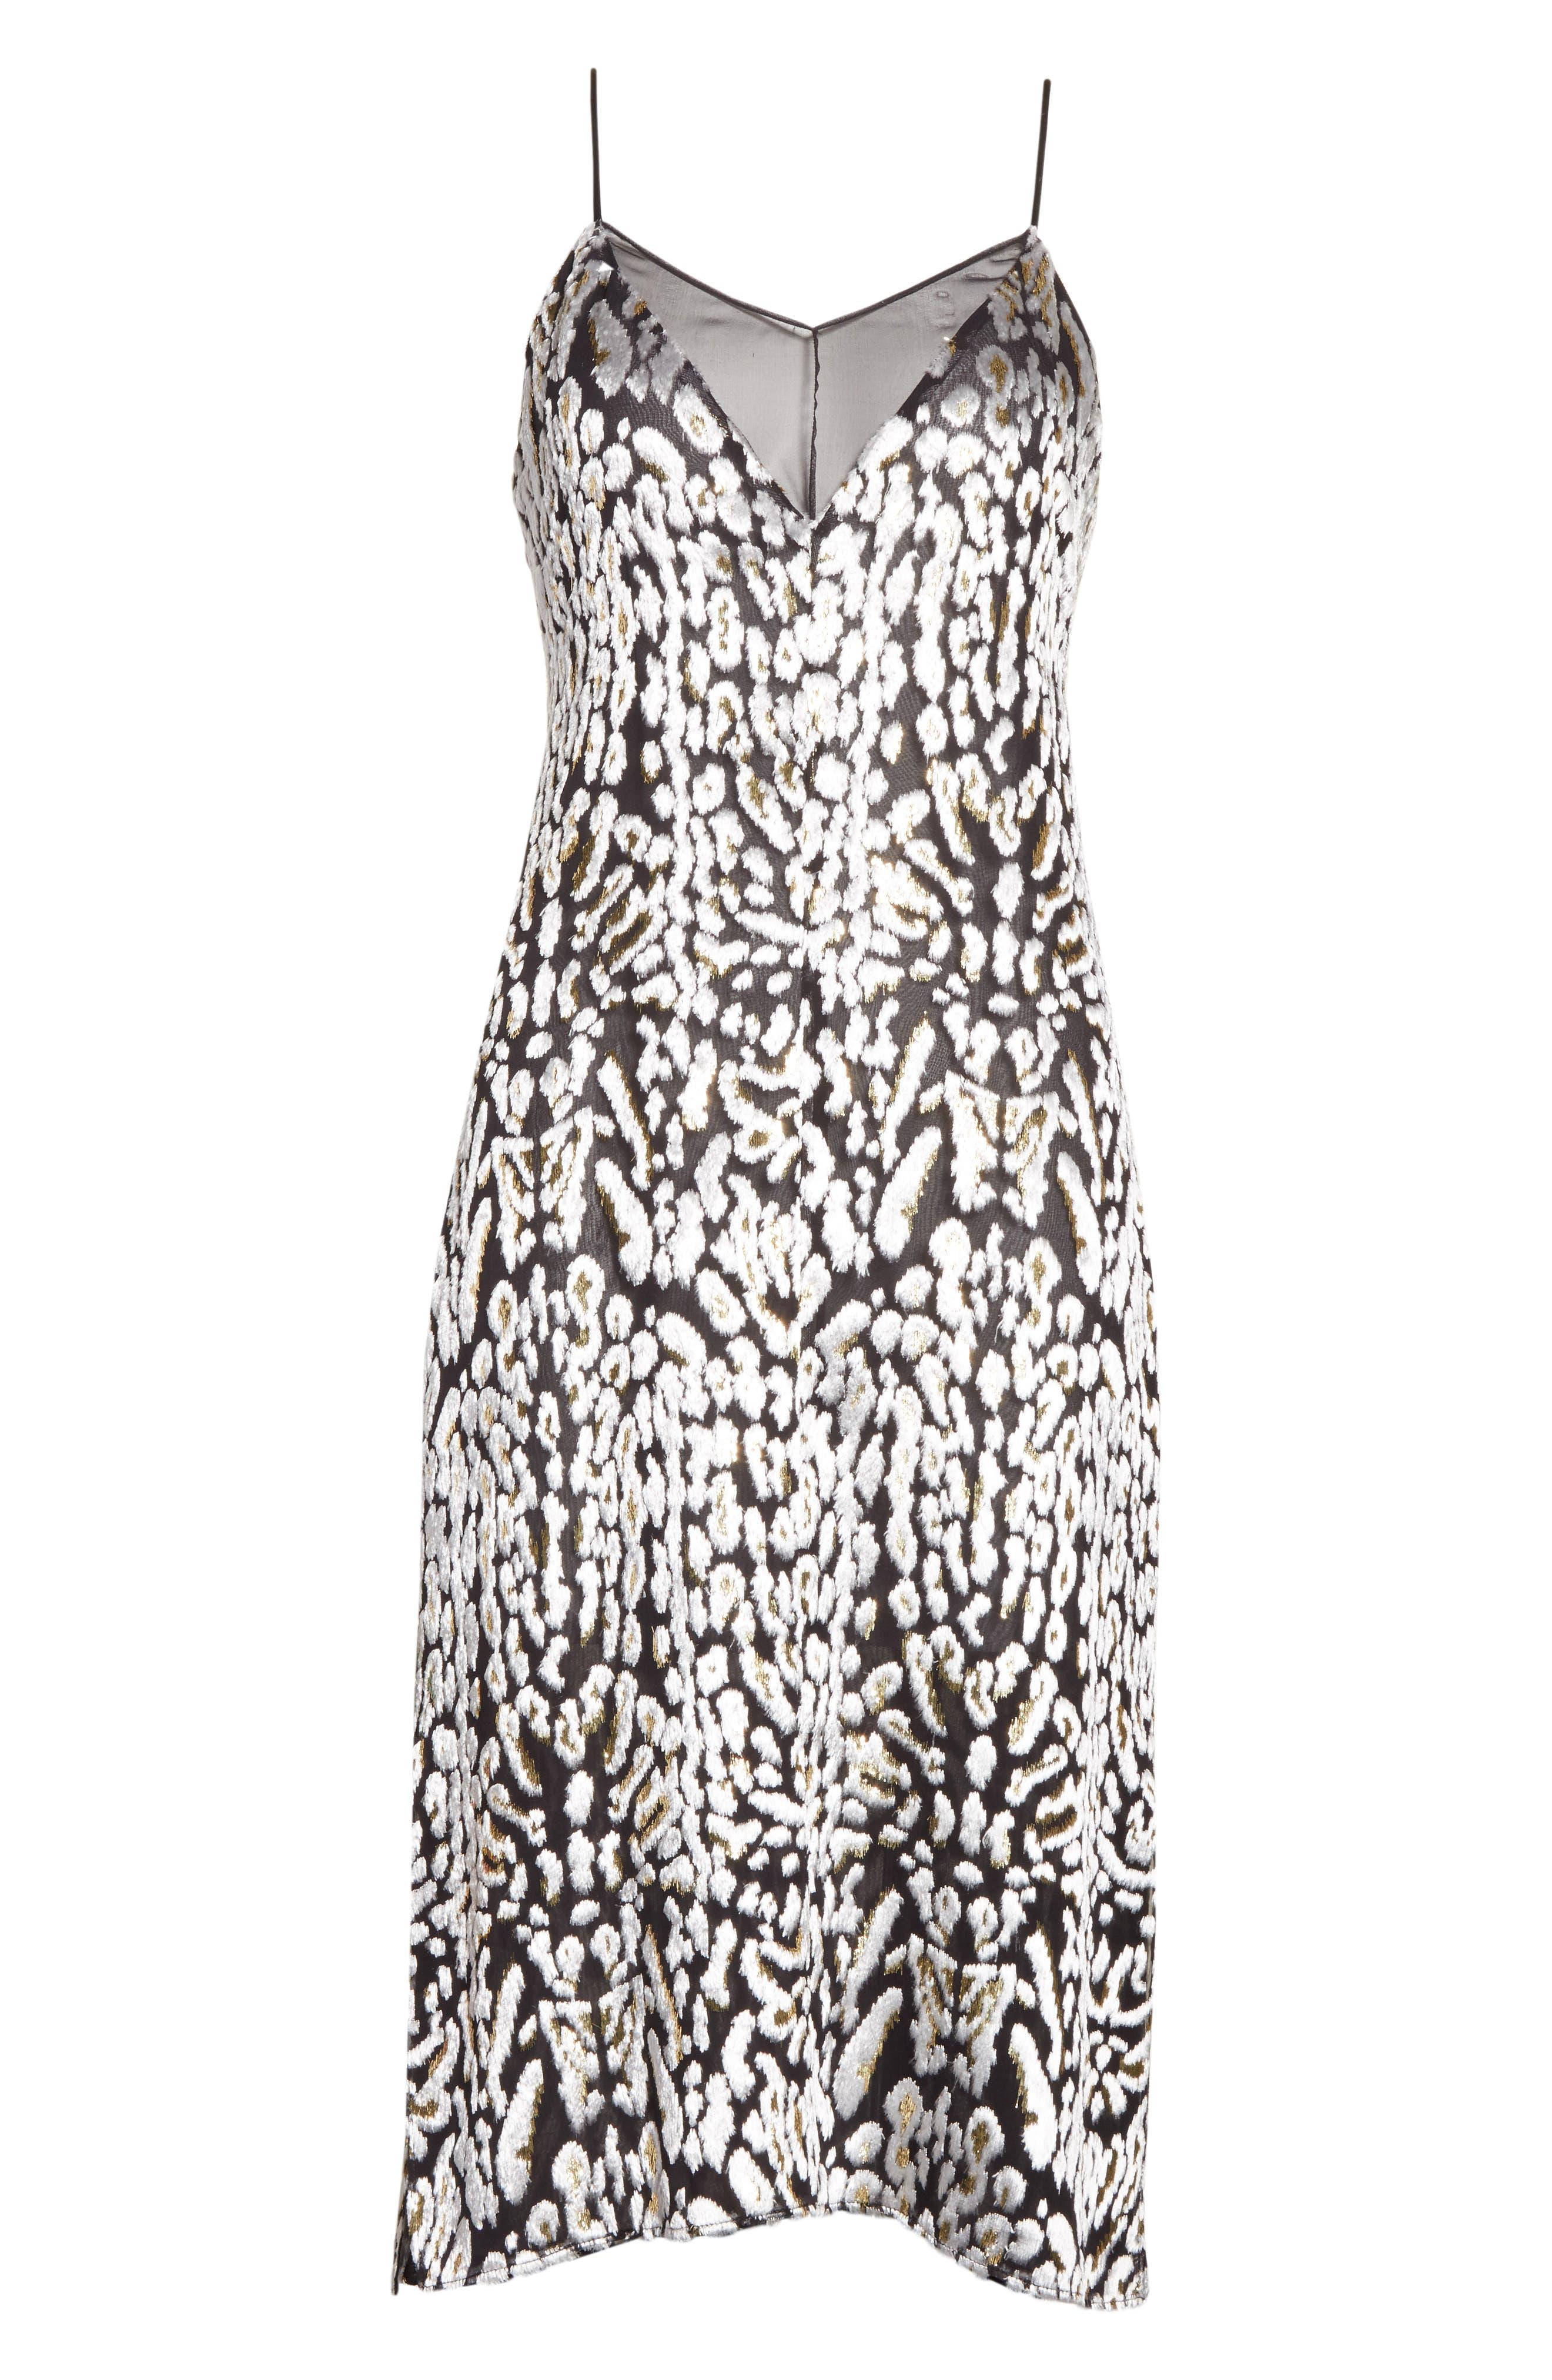 Ocelot Velvet Jacquard Dress,                             Alternate thumbnail 7, color,                             Black/ Ivory/ Gold